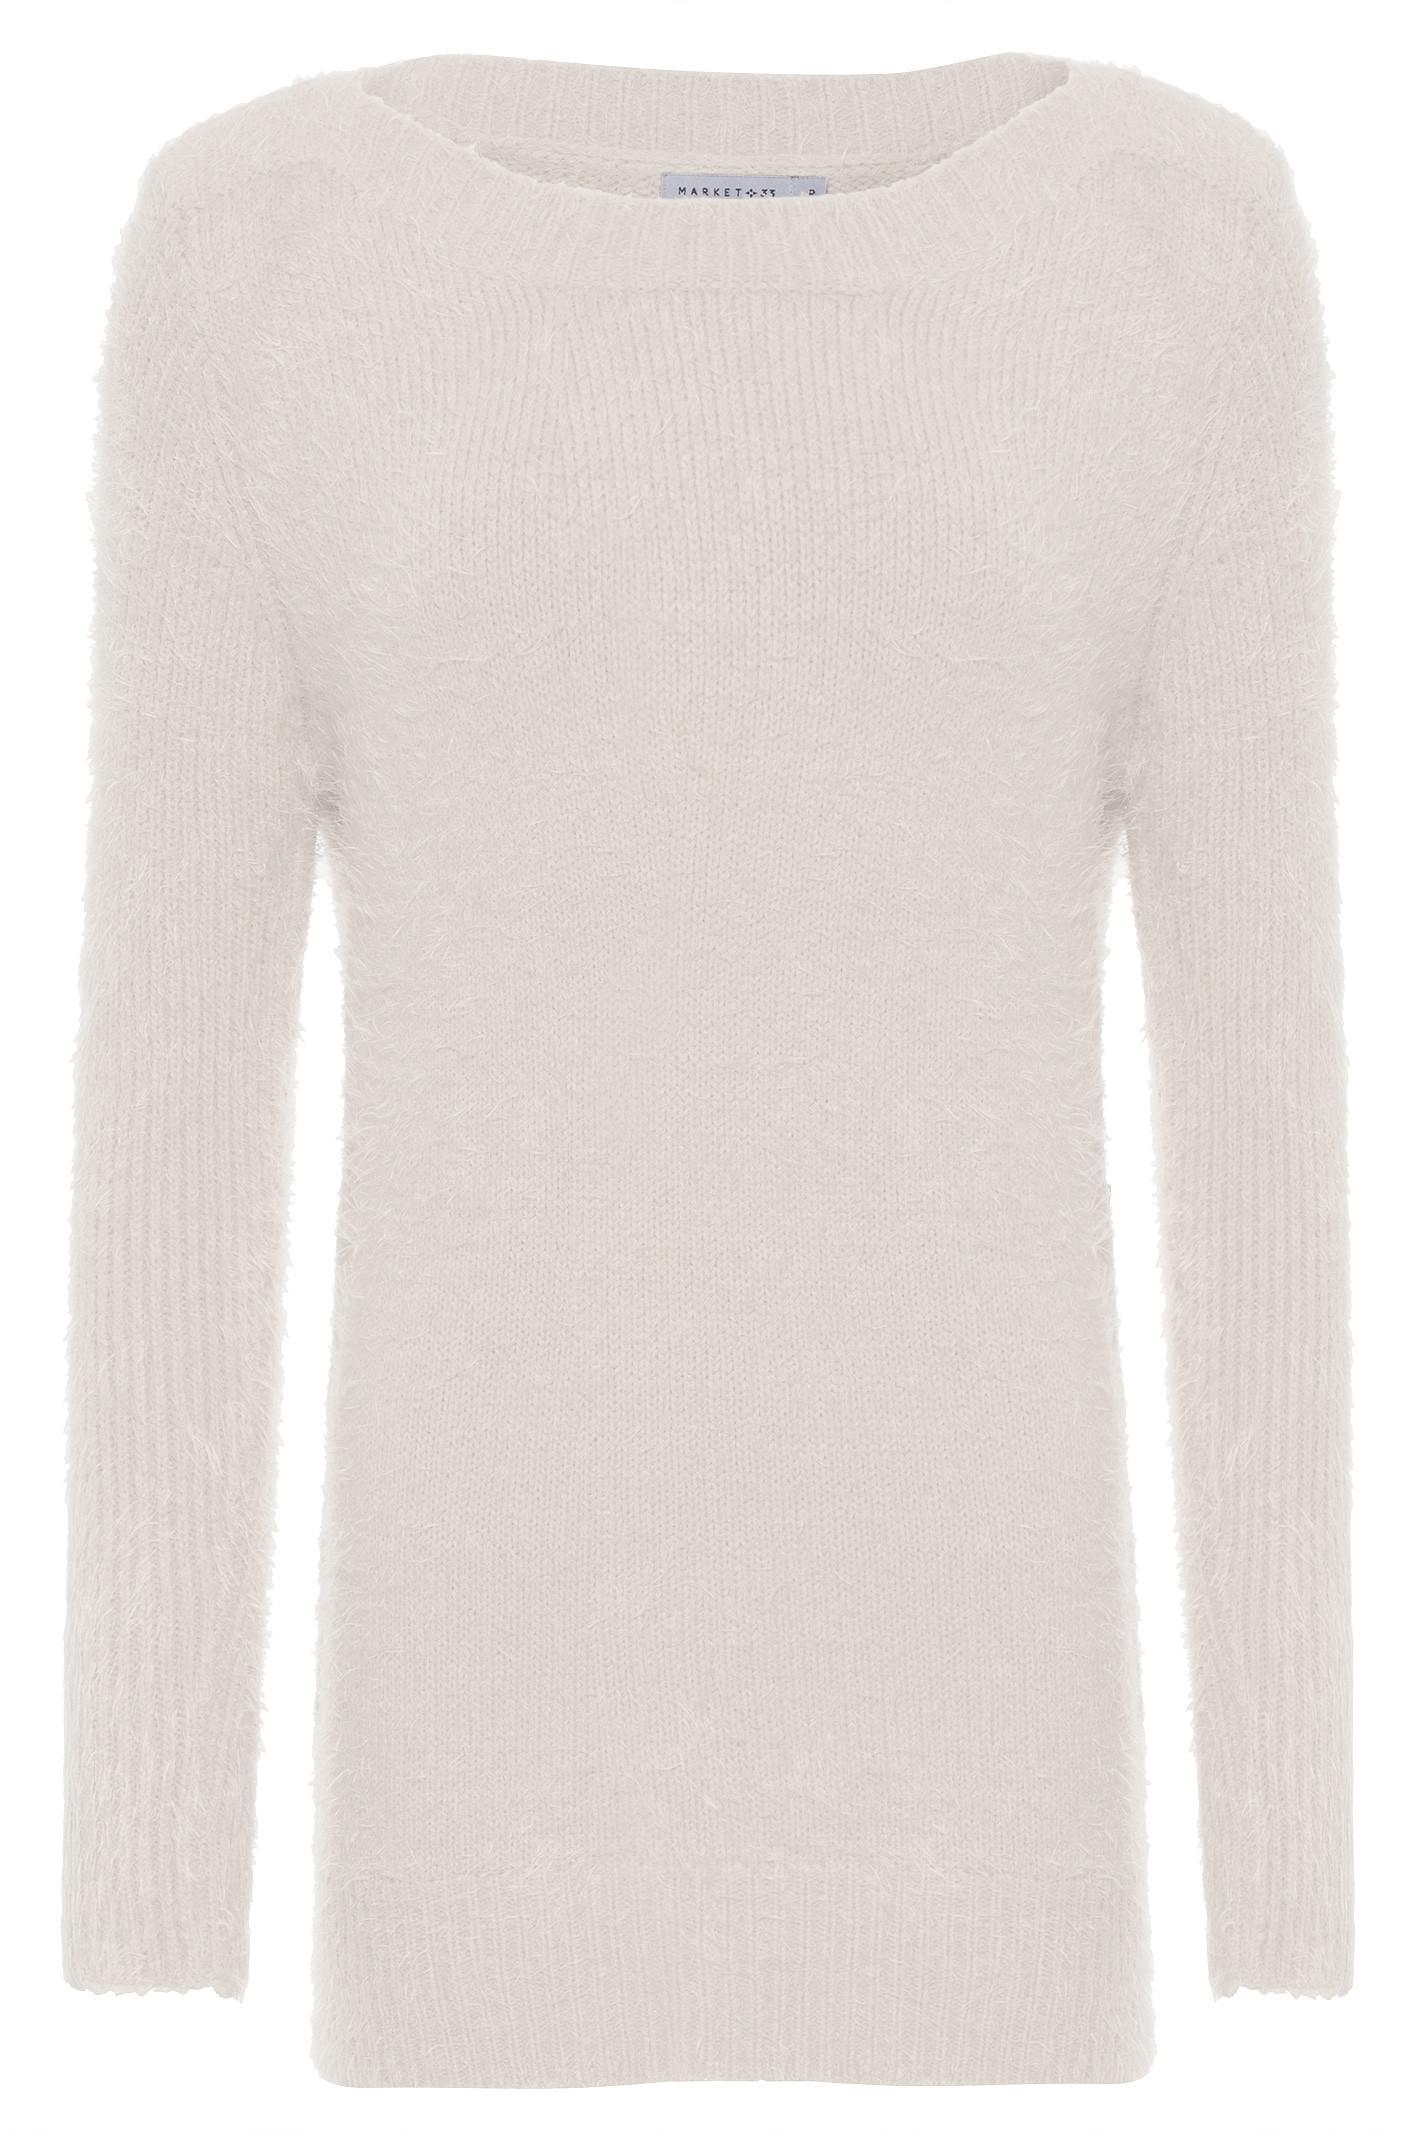 Suéter Pelo - Gelo